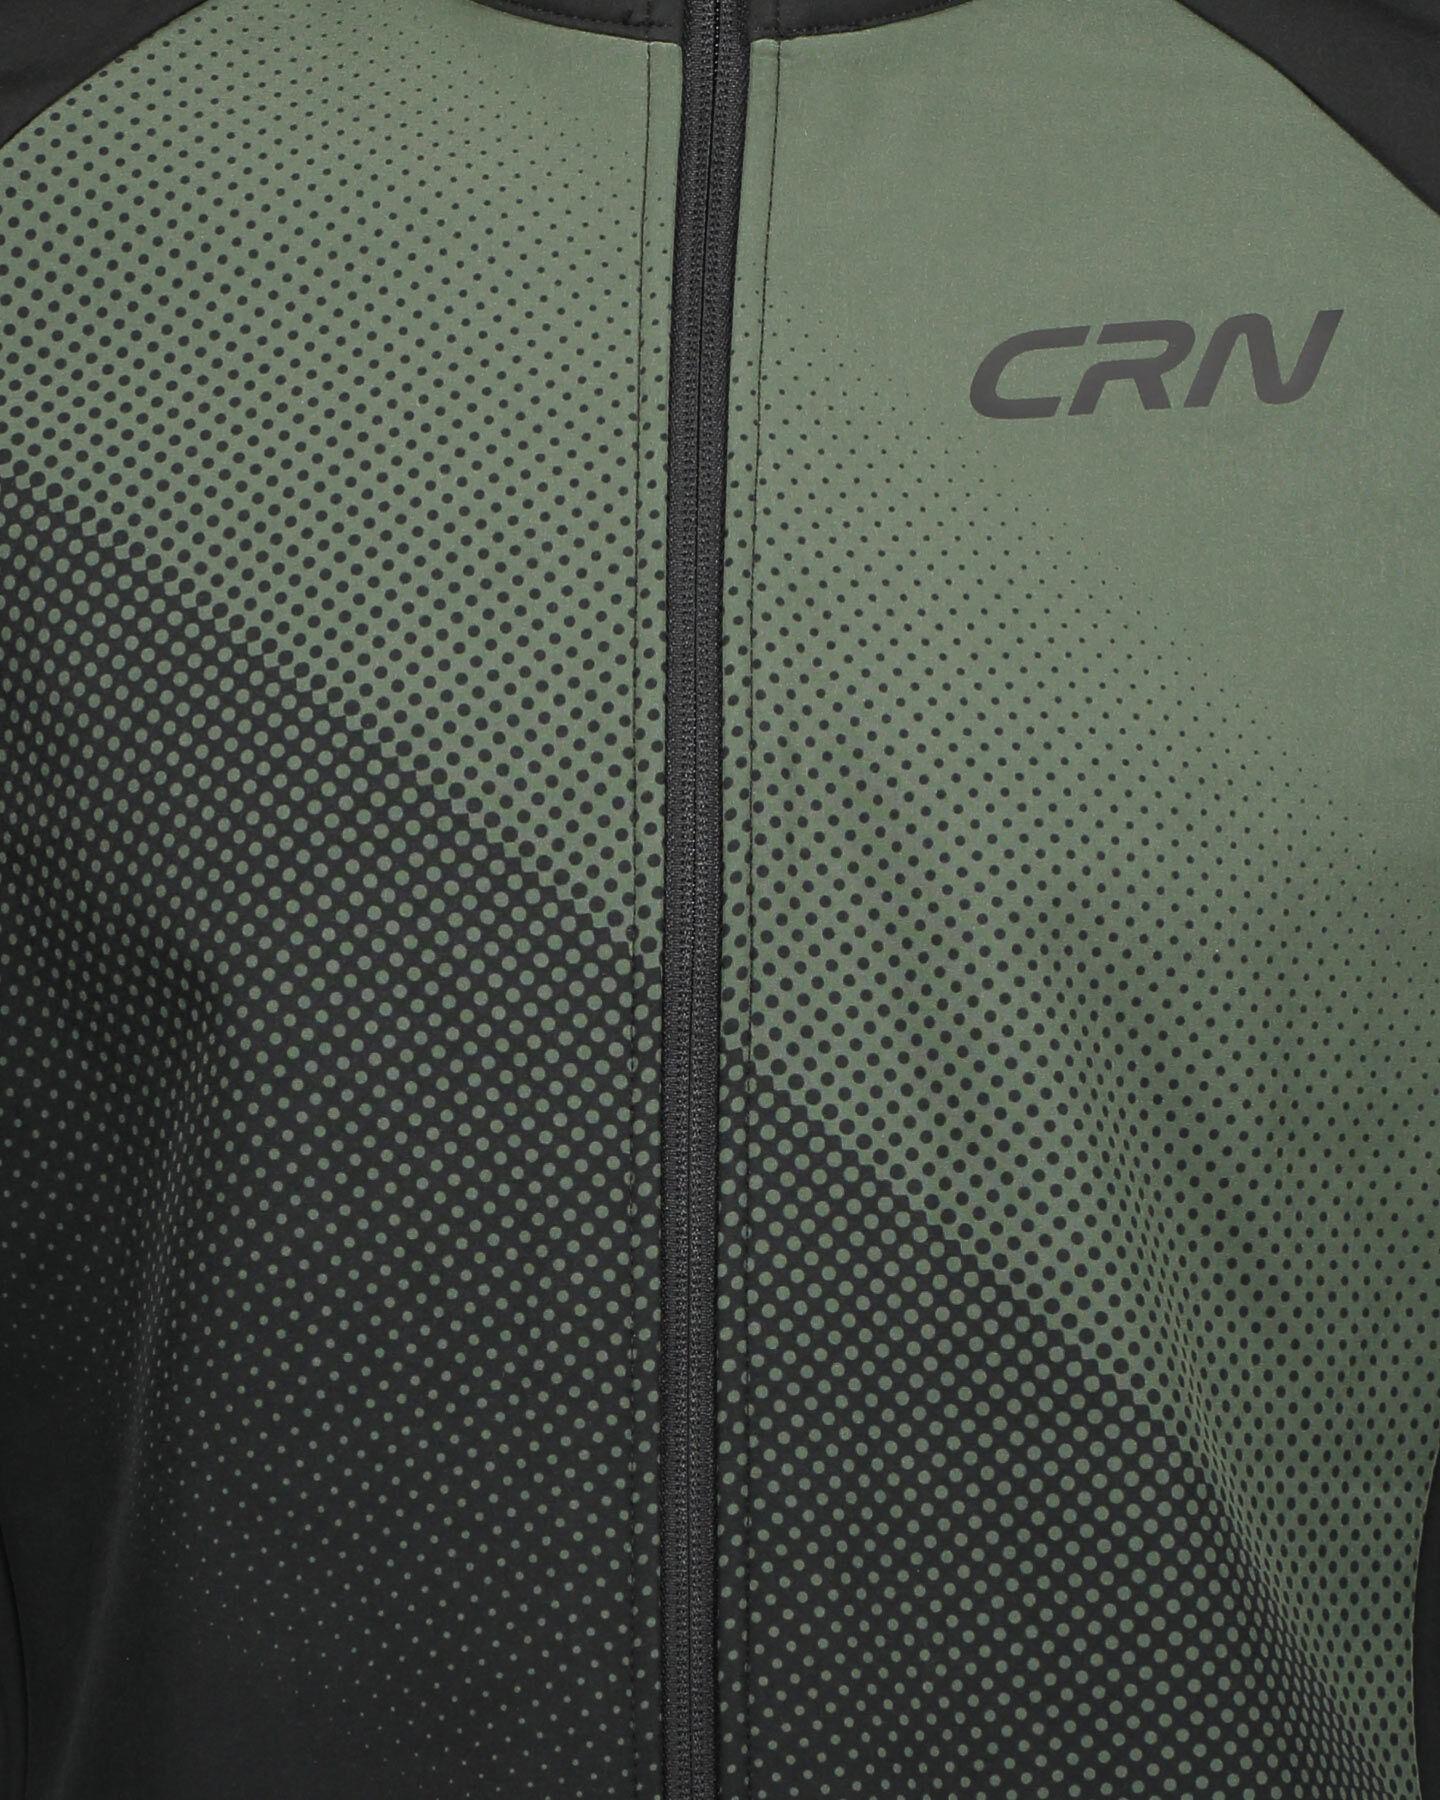 Giacca ciclismo CARNIELLI CROCEDOMINI M S4081588 scatto 2